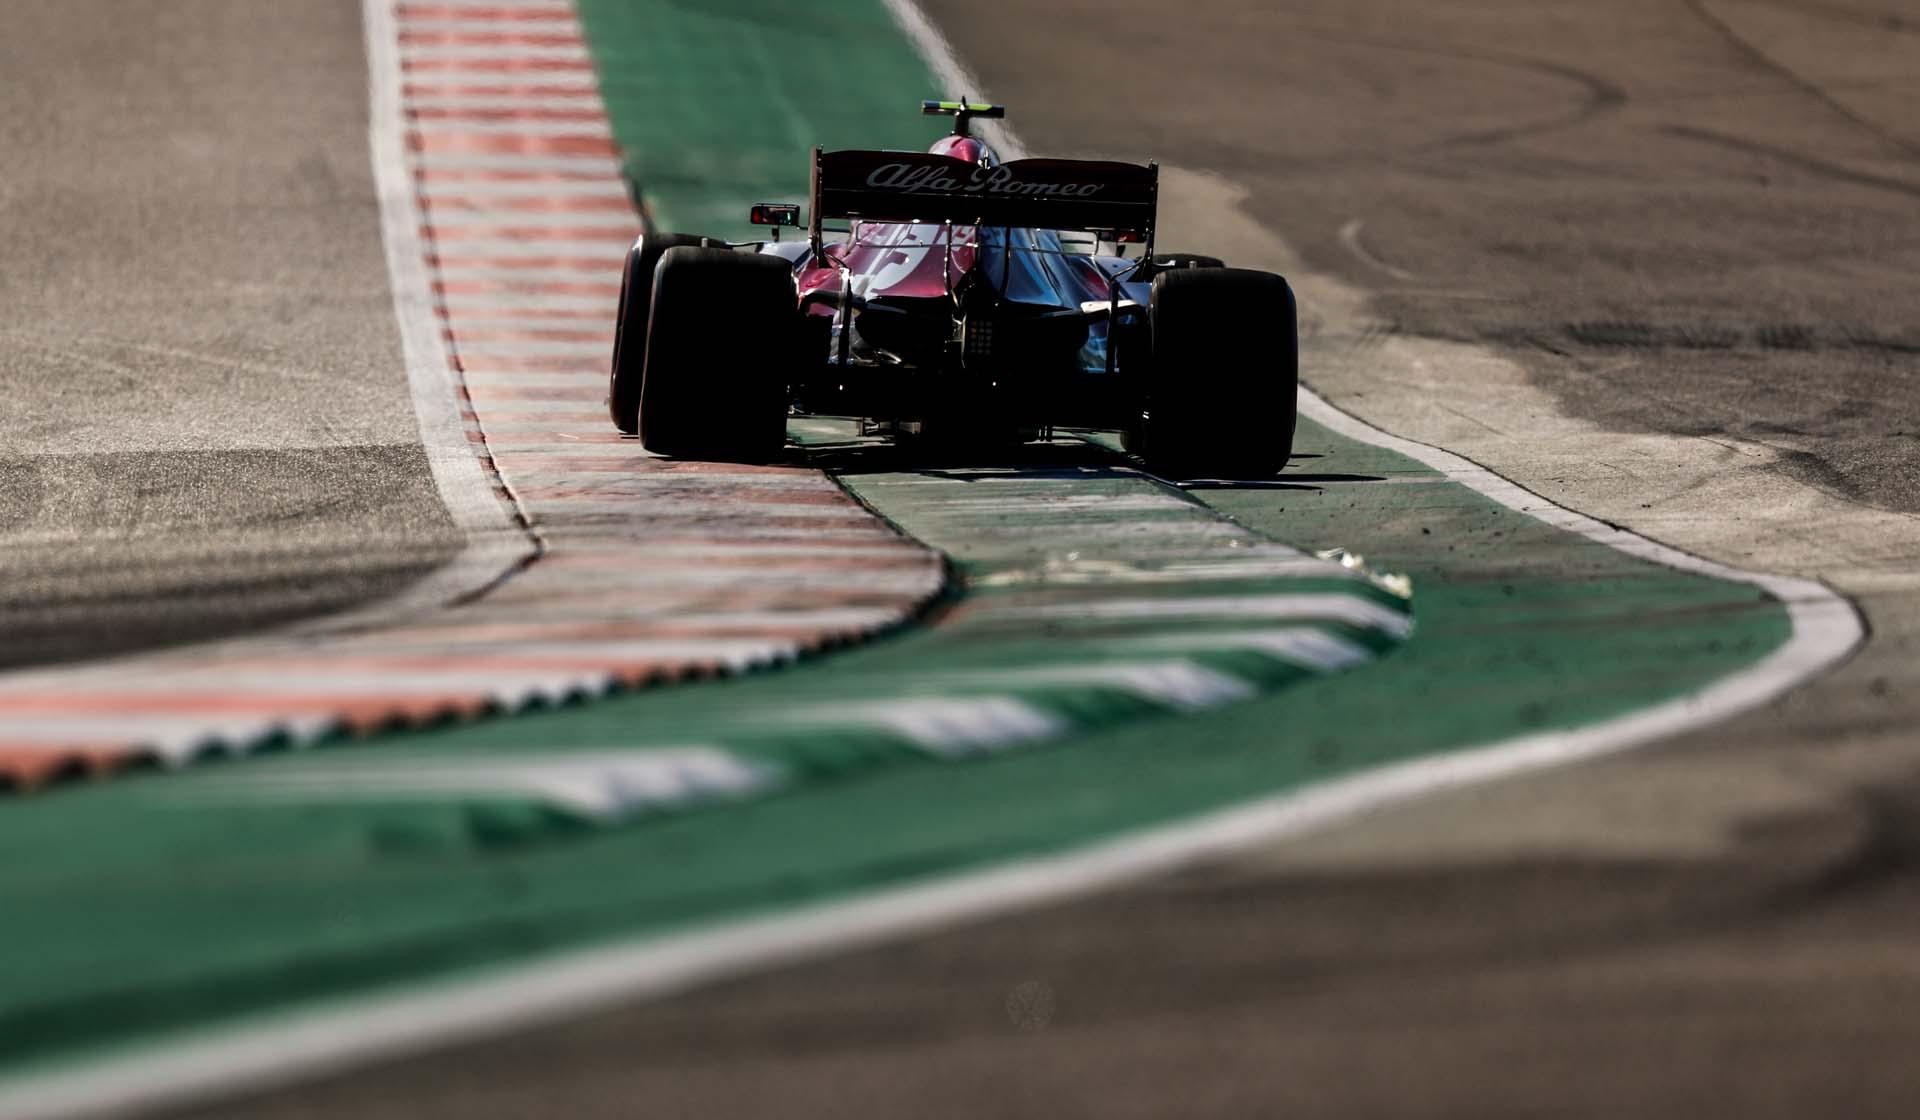 F1 - USA GRAND PRIX - 2019